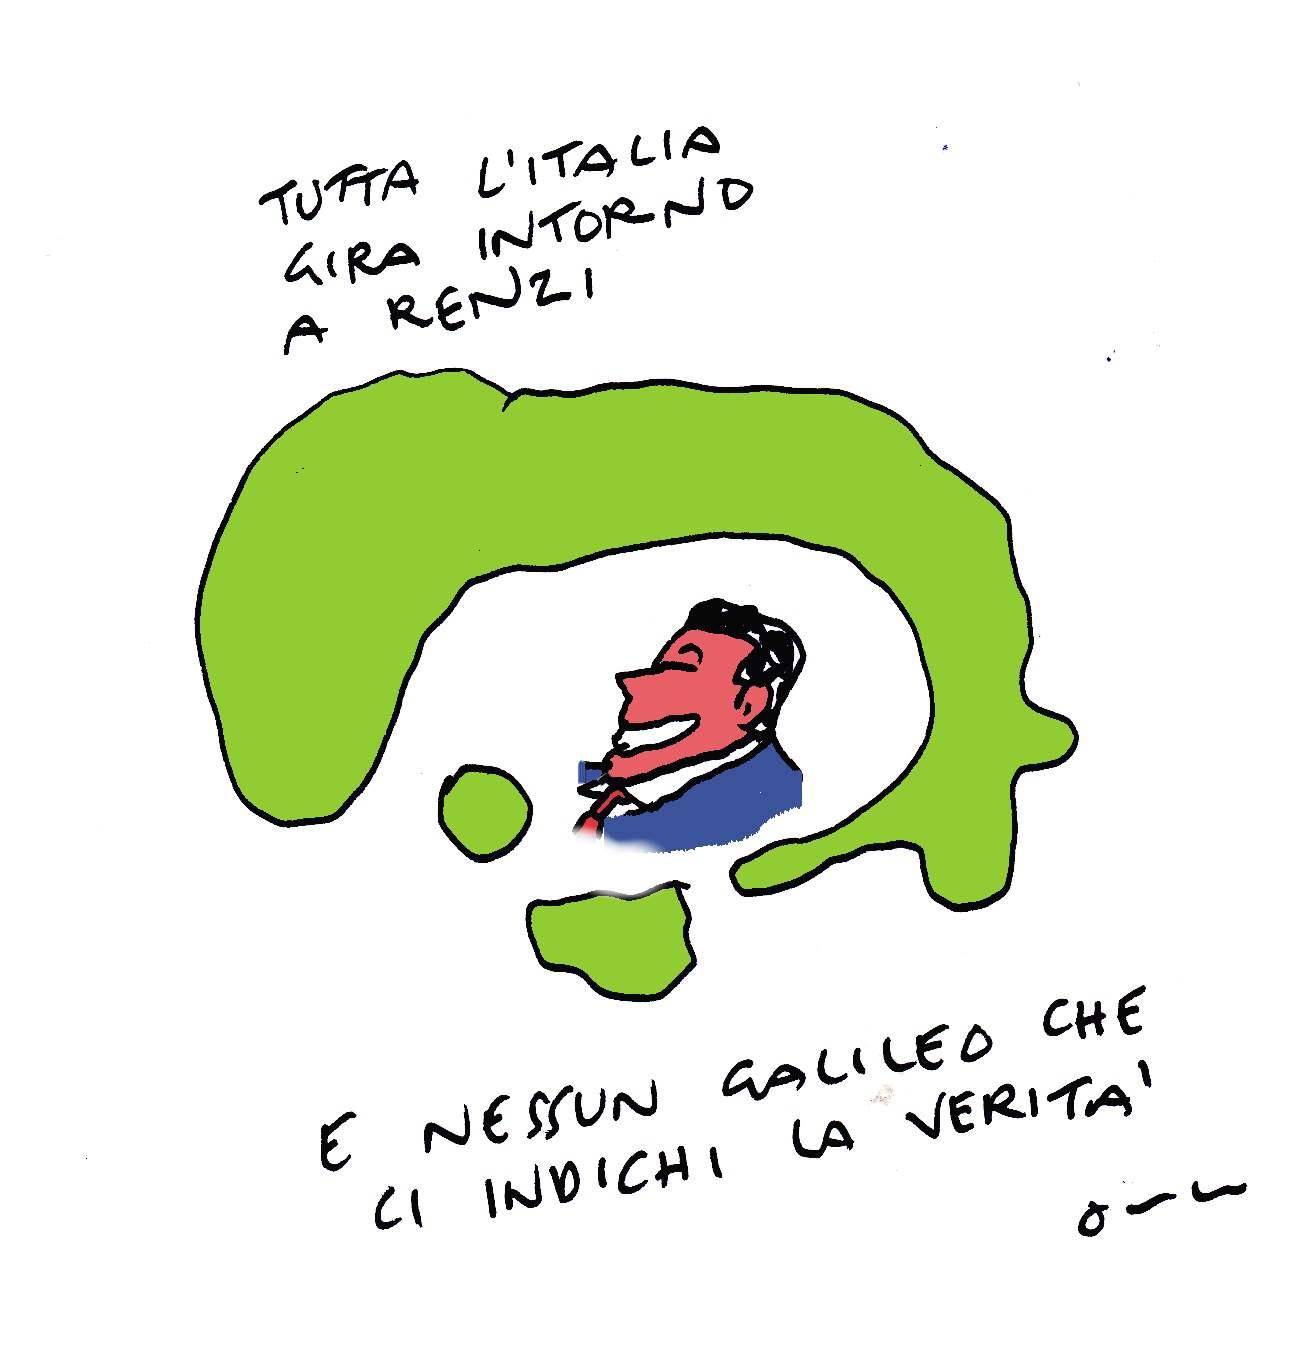 tutta italia gira attornok